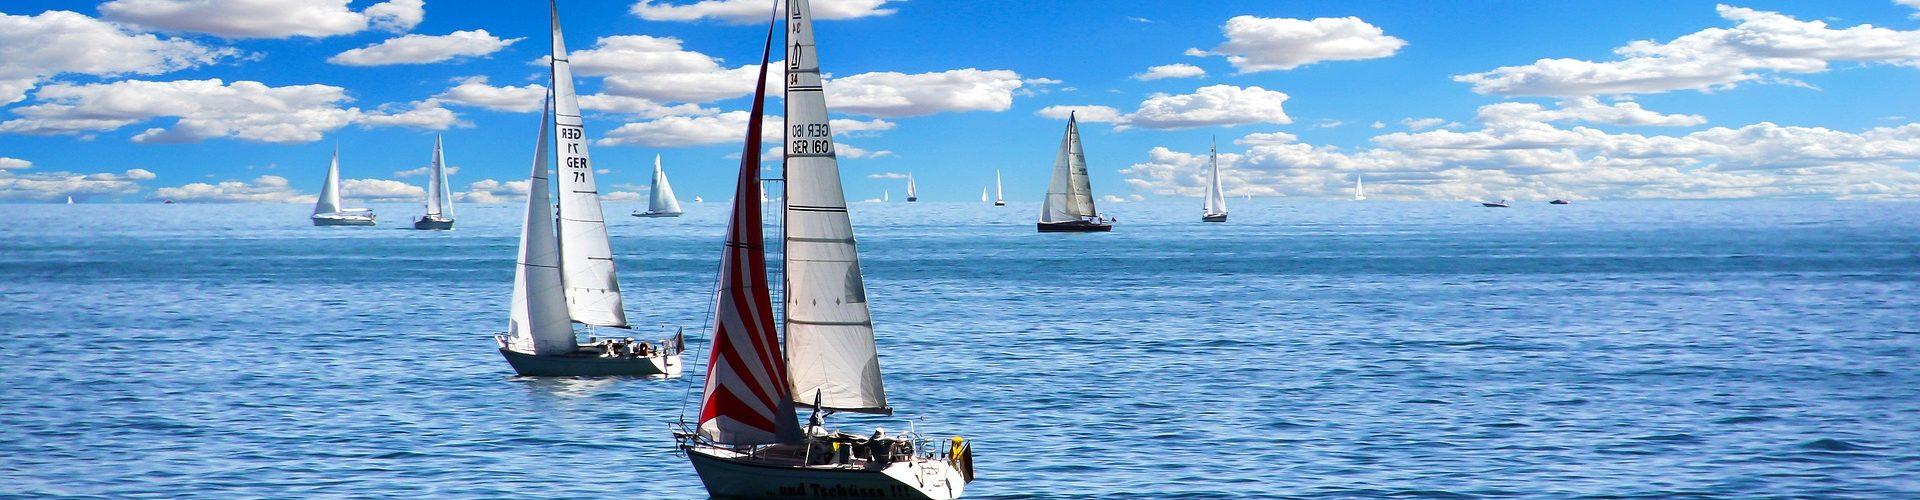 segeln lernen in Eltmann segelschein machen in Eltmann 1920x500 - Segeln lernen in Eltmann